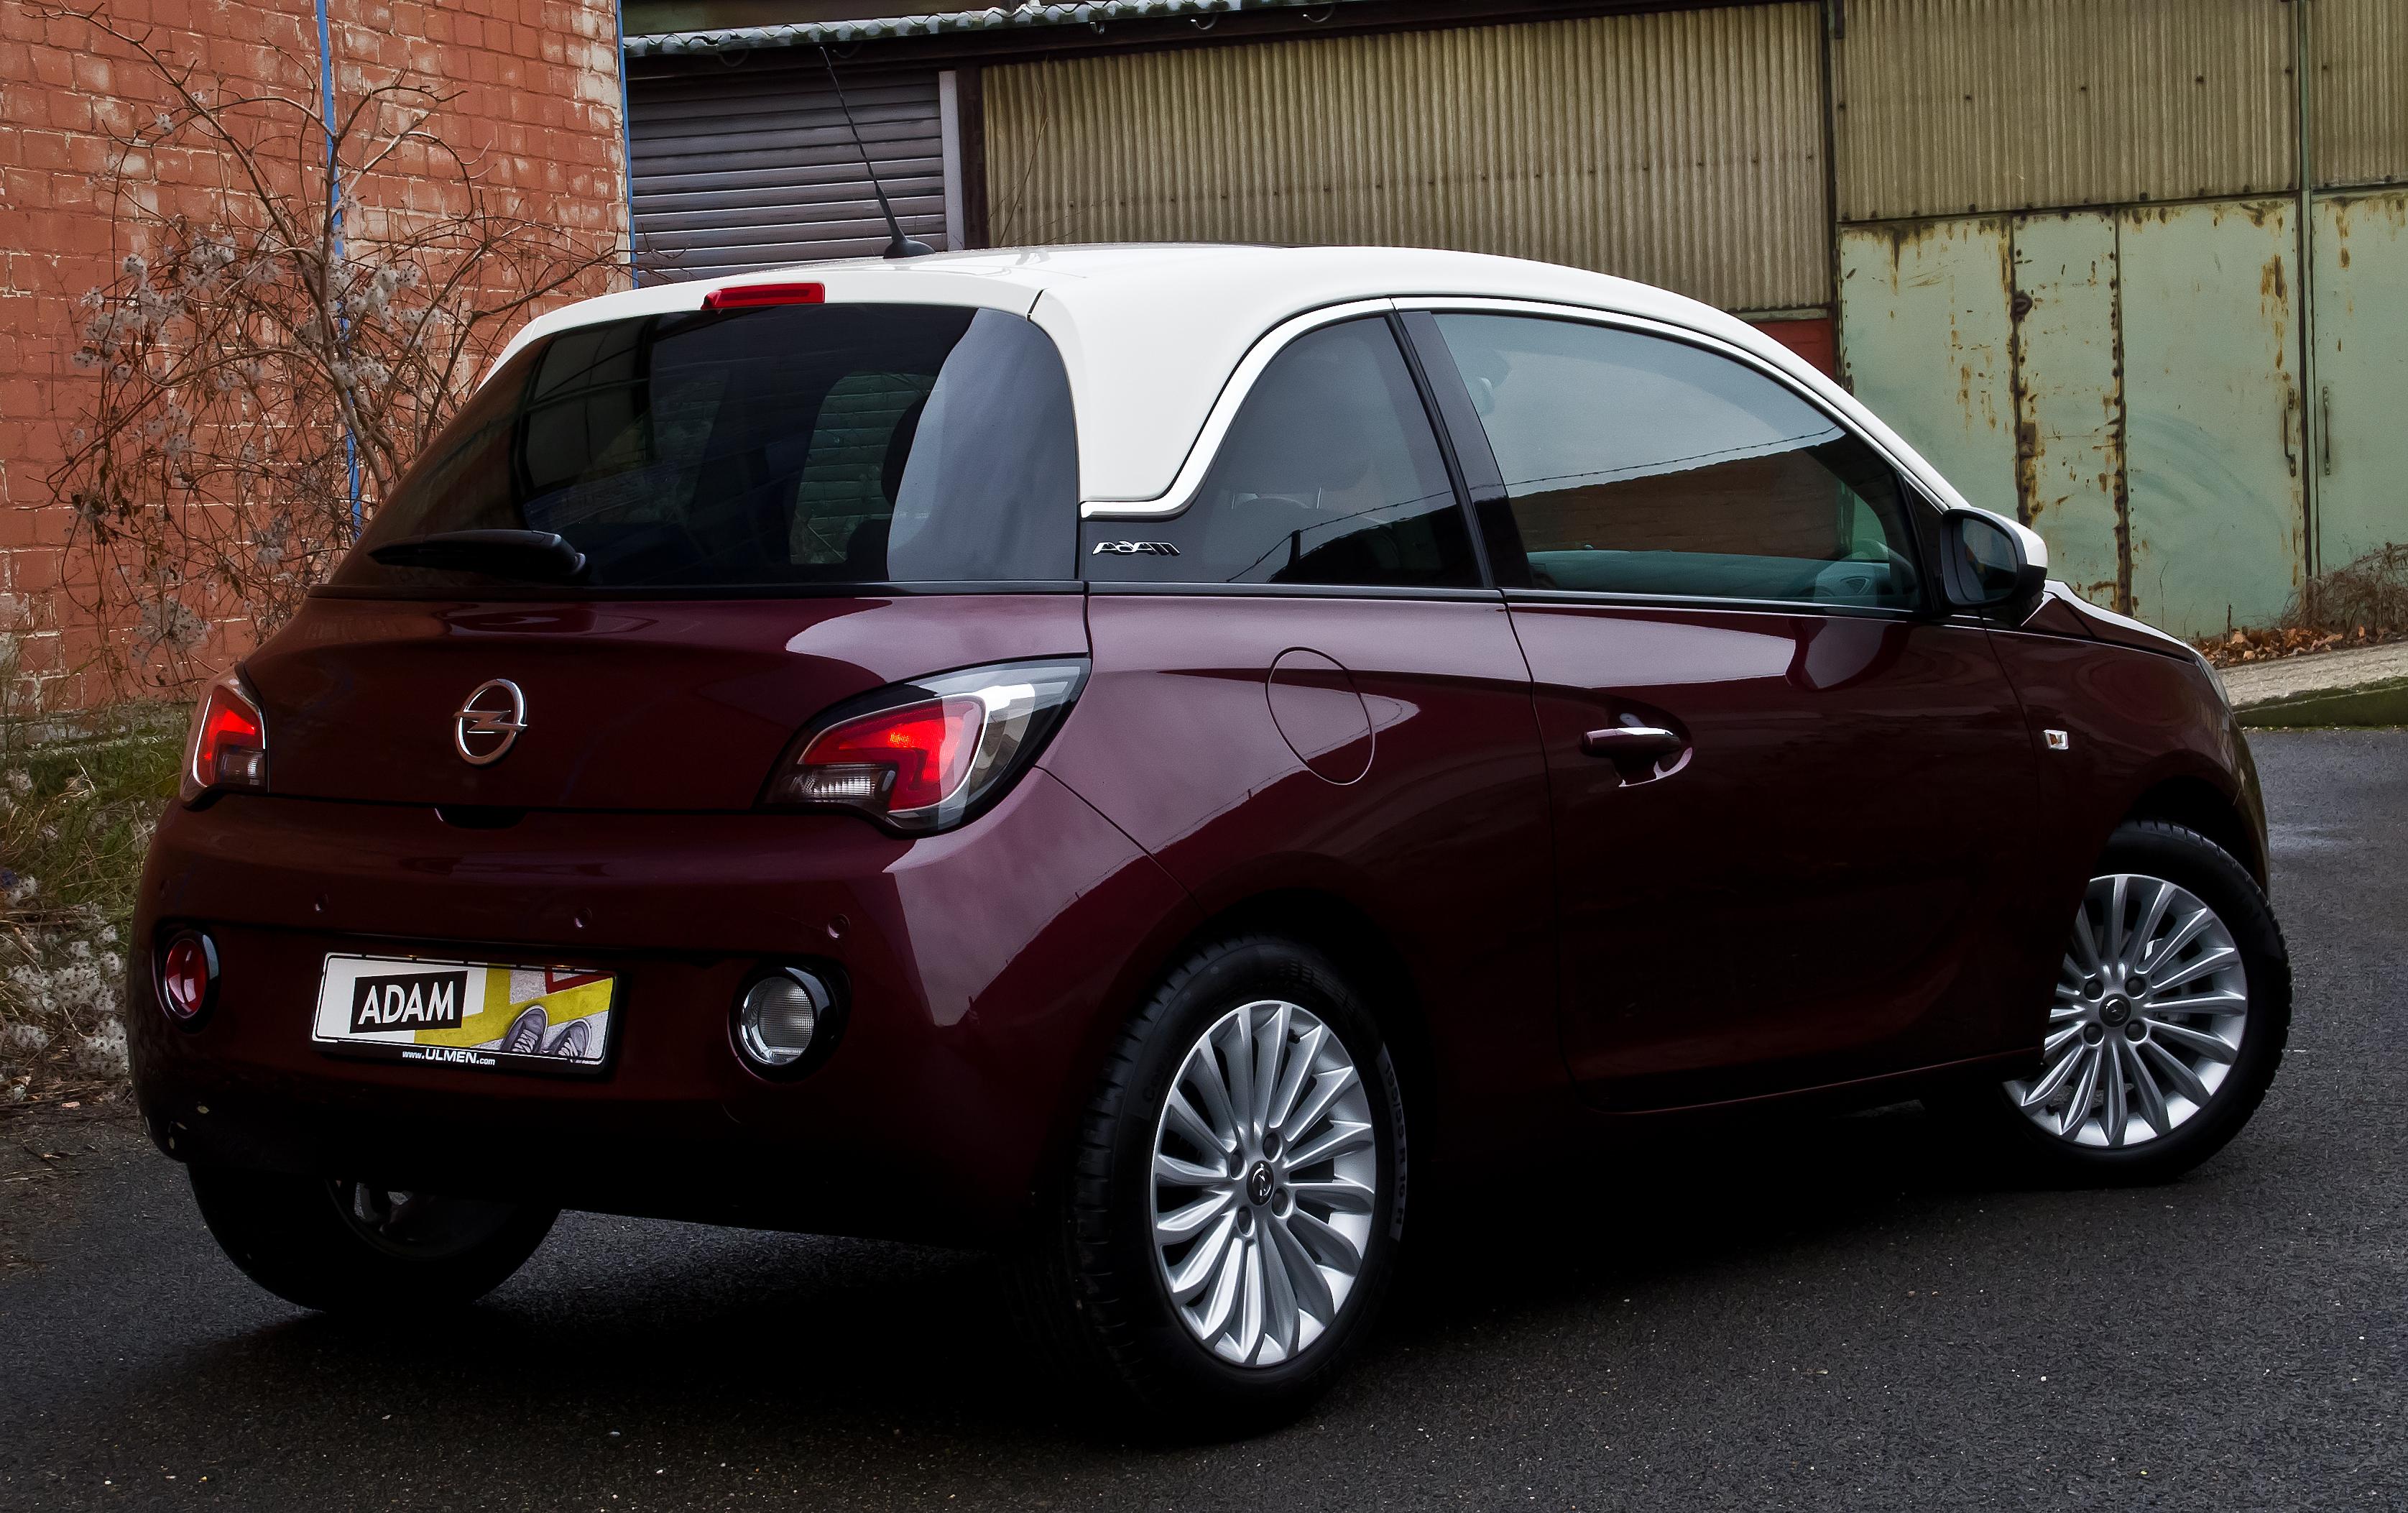 File Opel Adam 1 4 Glam Heckansicht 15 Januar 2014